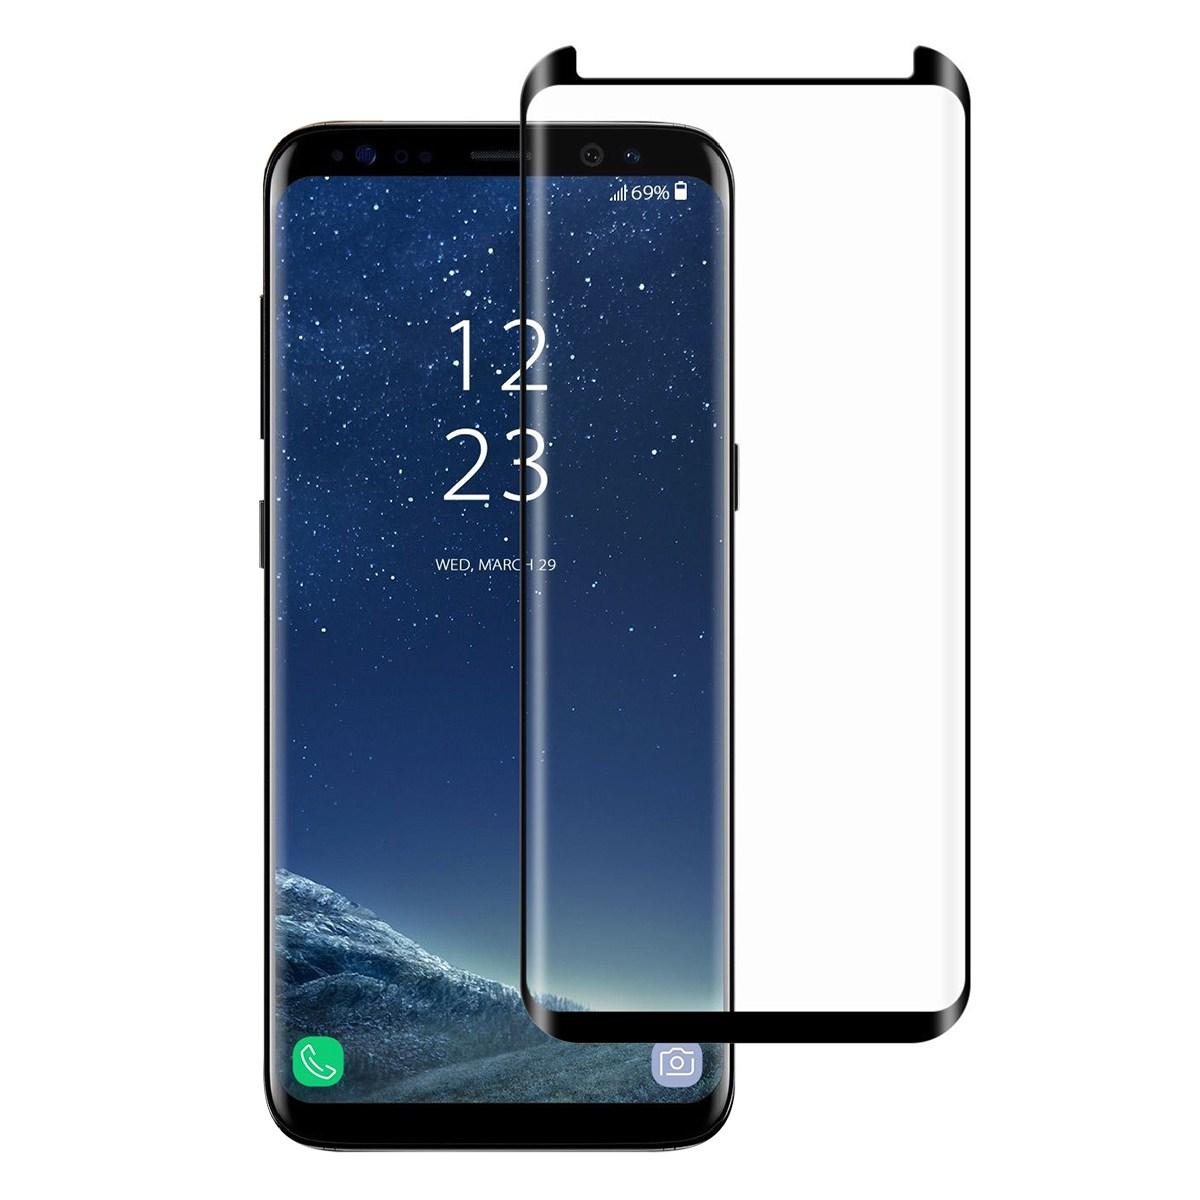 <b><mark><i>NAUJIENA!</i></b></mark> Apsauginis grūdintas stiklas Samsung S8+ (3D, lipnūs kraštai)